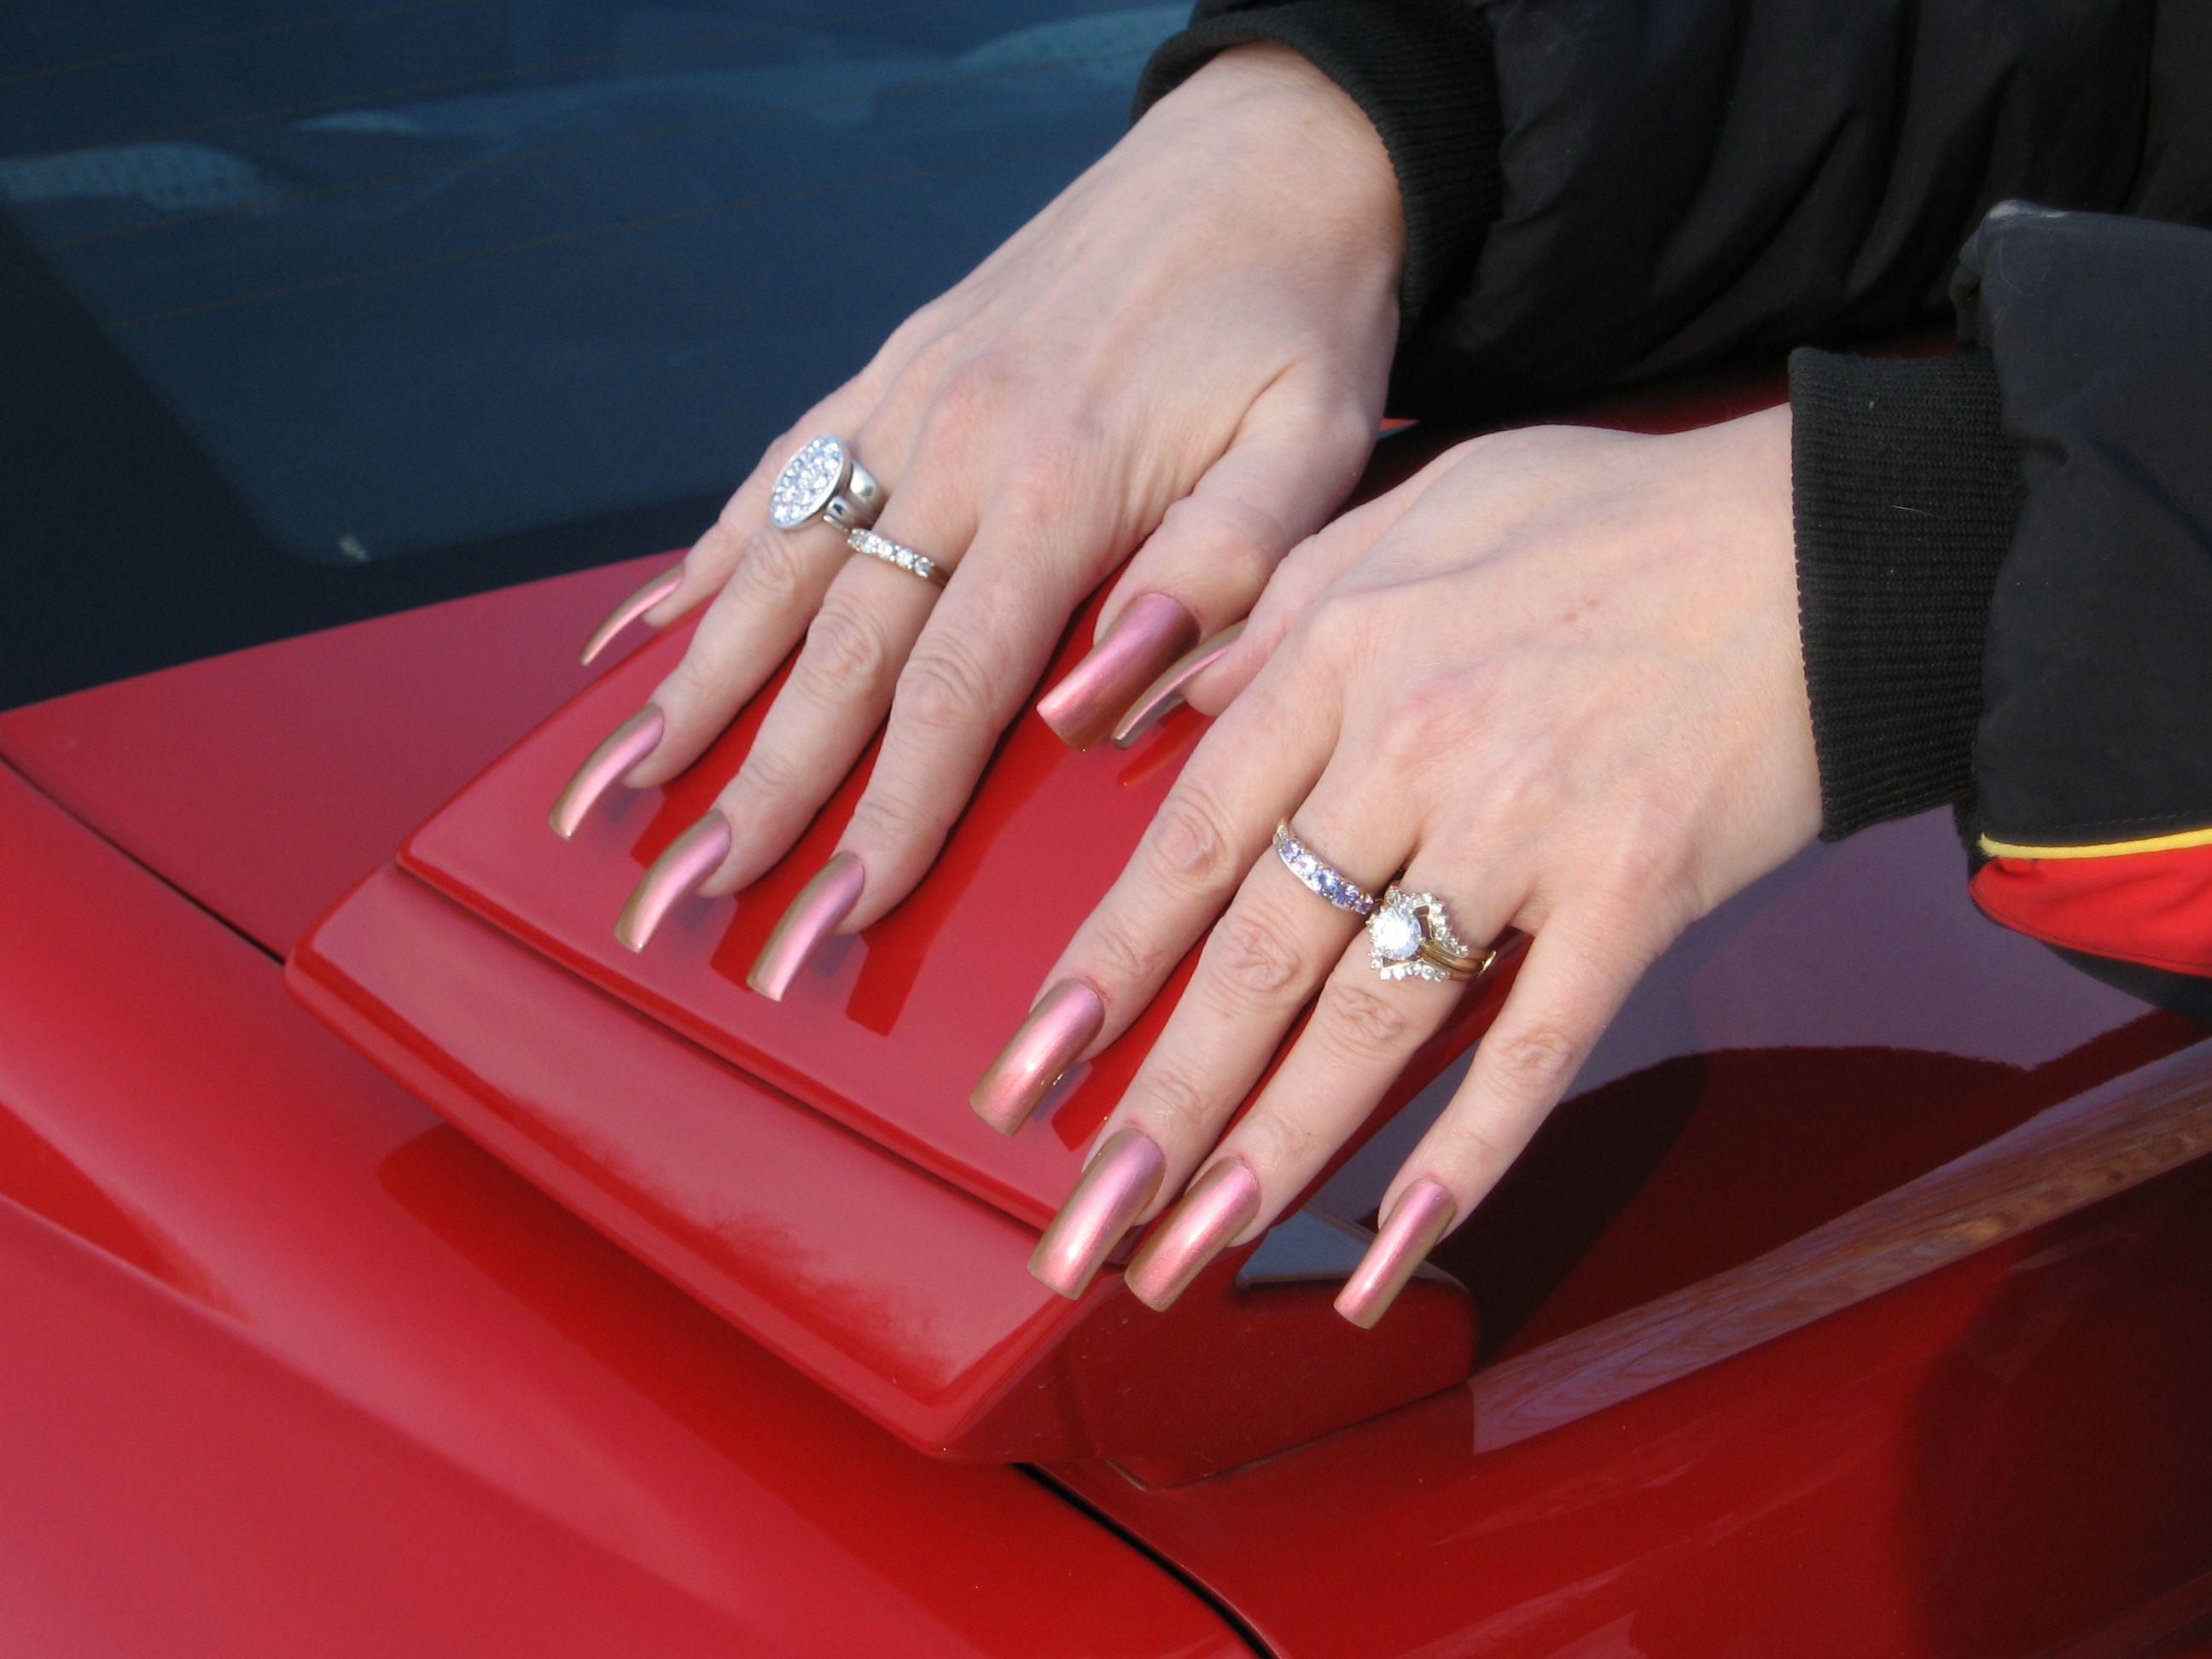 Pin von Jeff K auf PJ\'s Nails | Pinterest | Fingernägel